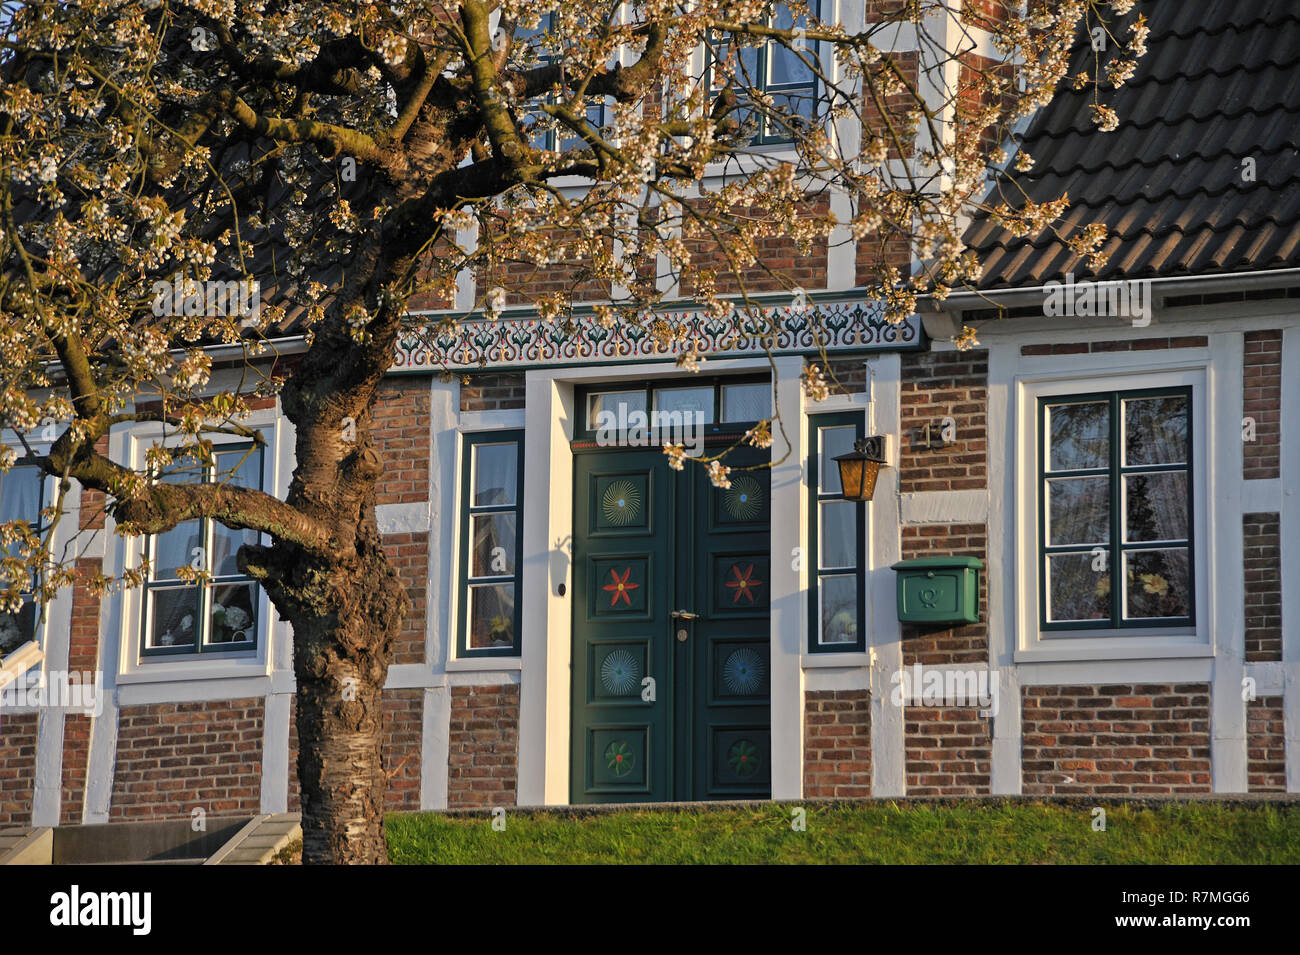 Altländer Bauernhaus in Steinkirchen, Alte Land, Landkreis Stade, Niedersachsen, Deutschland - Stock Image